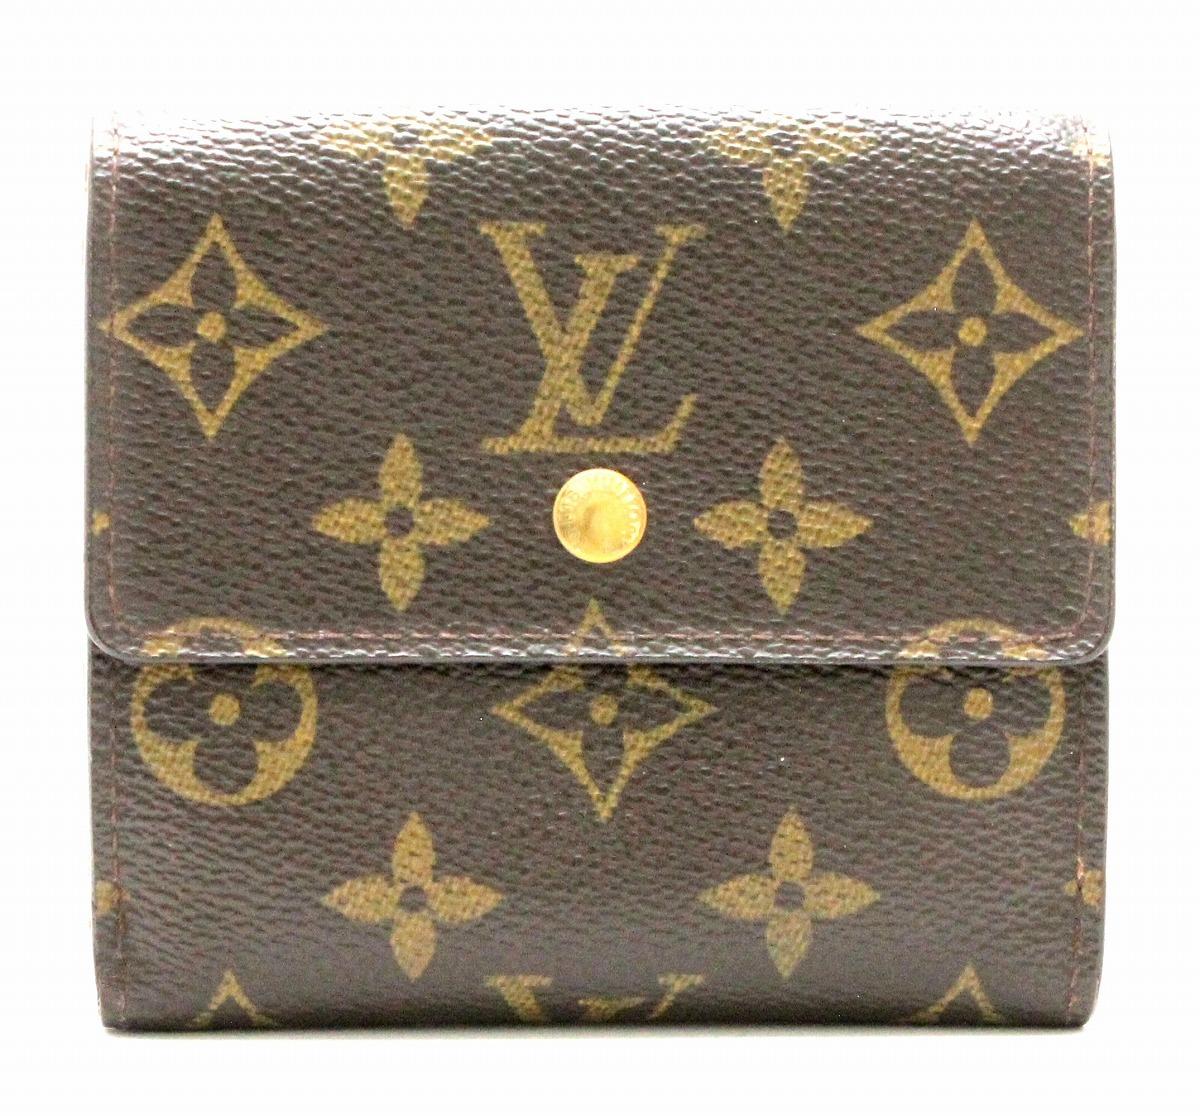 【財布】LOUIS VUITTON ルイ ヴィトン モノグラム ポルトモネ ビエ カルト クレディ ダブルホック財布 Wホック財布 made in U.S.A. M61652 【中古】【k】